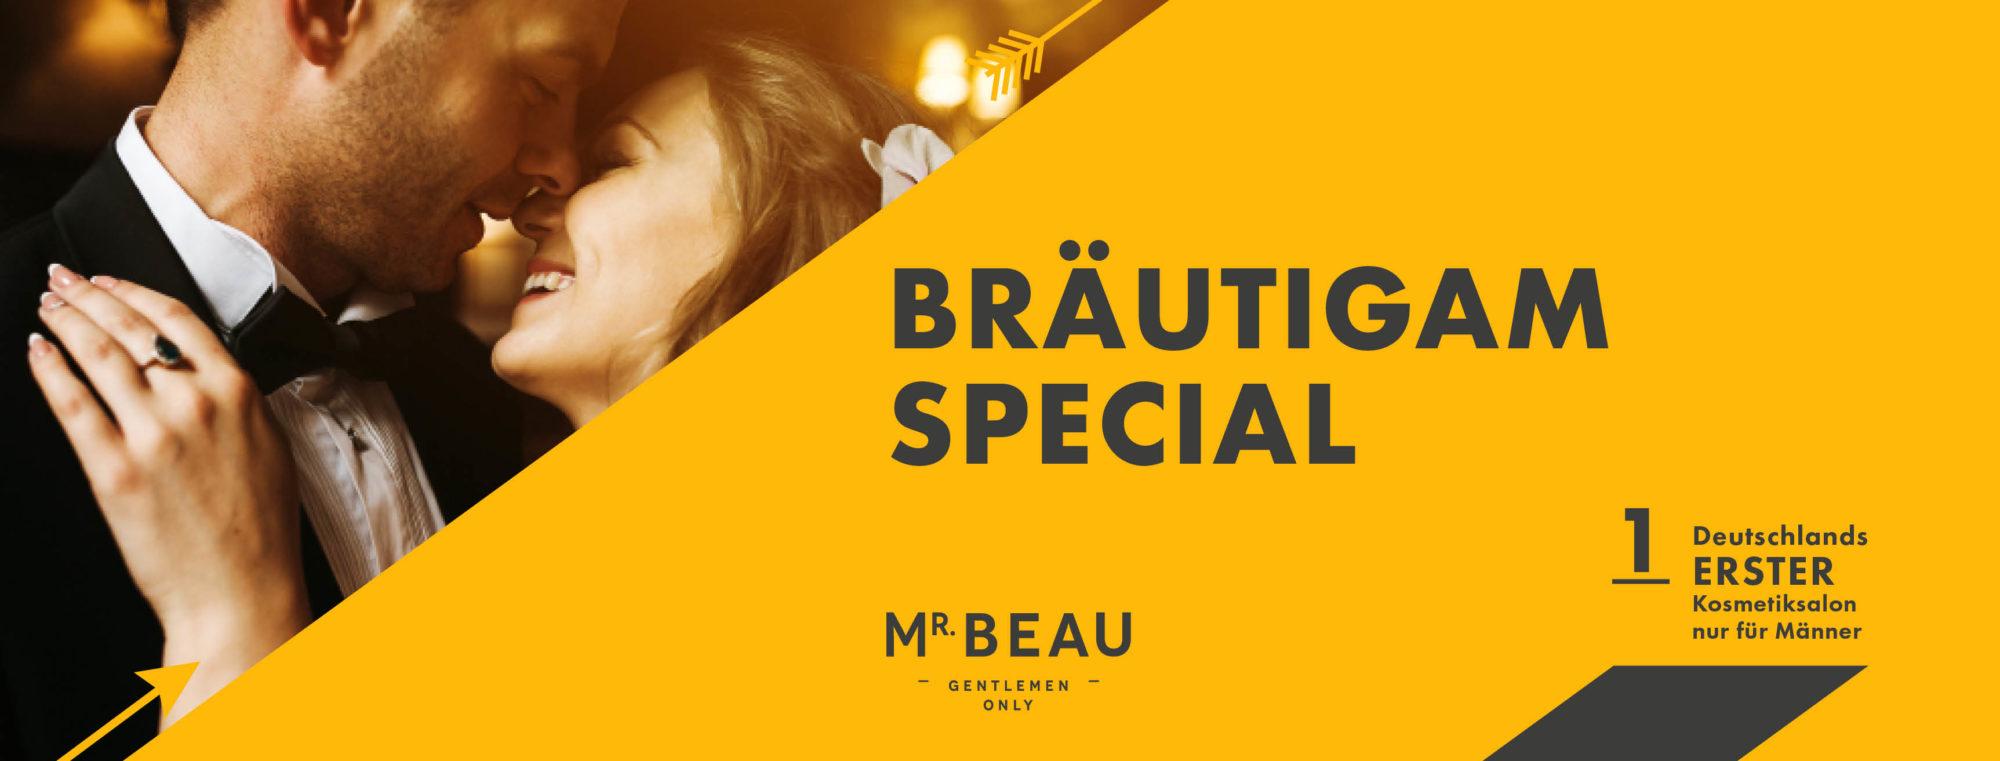 Bräutigam Special